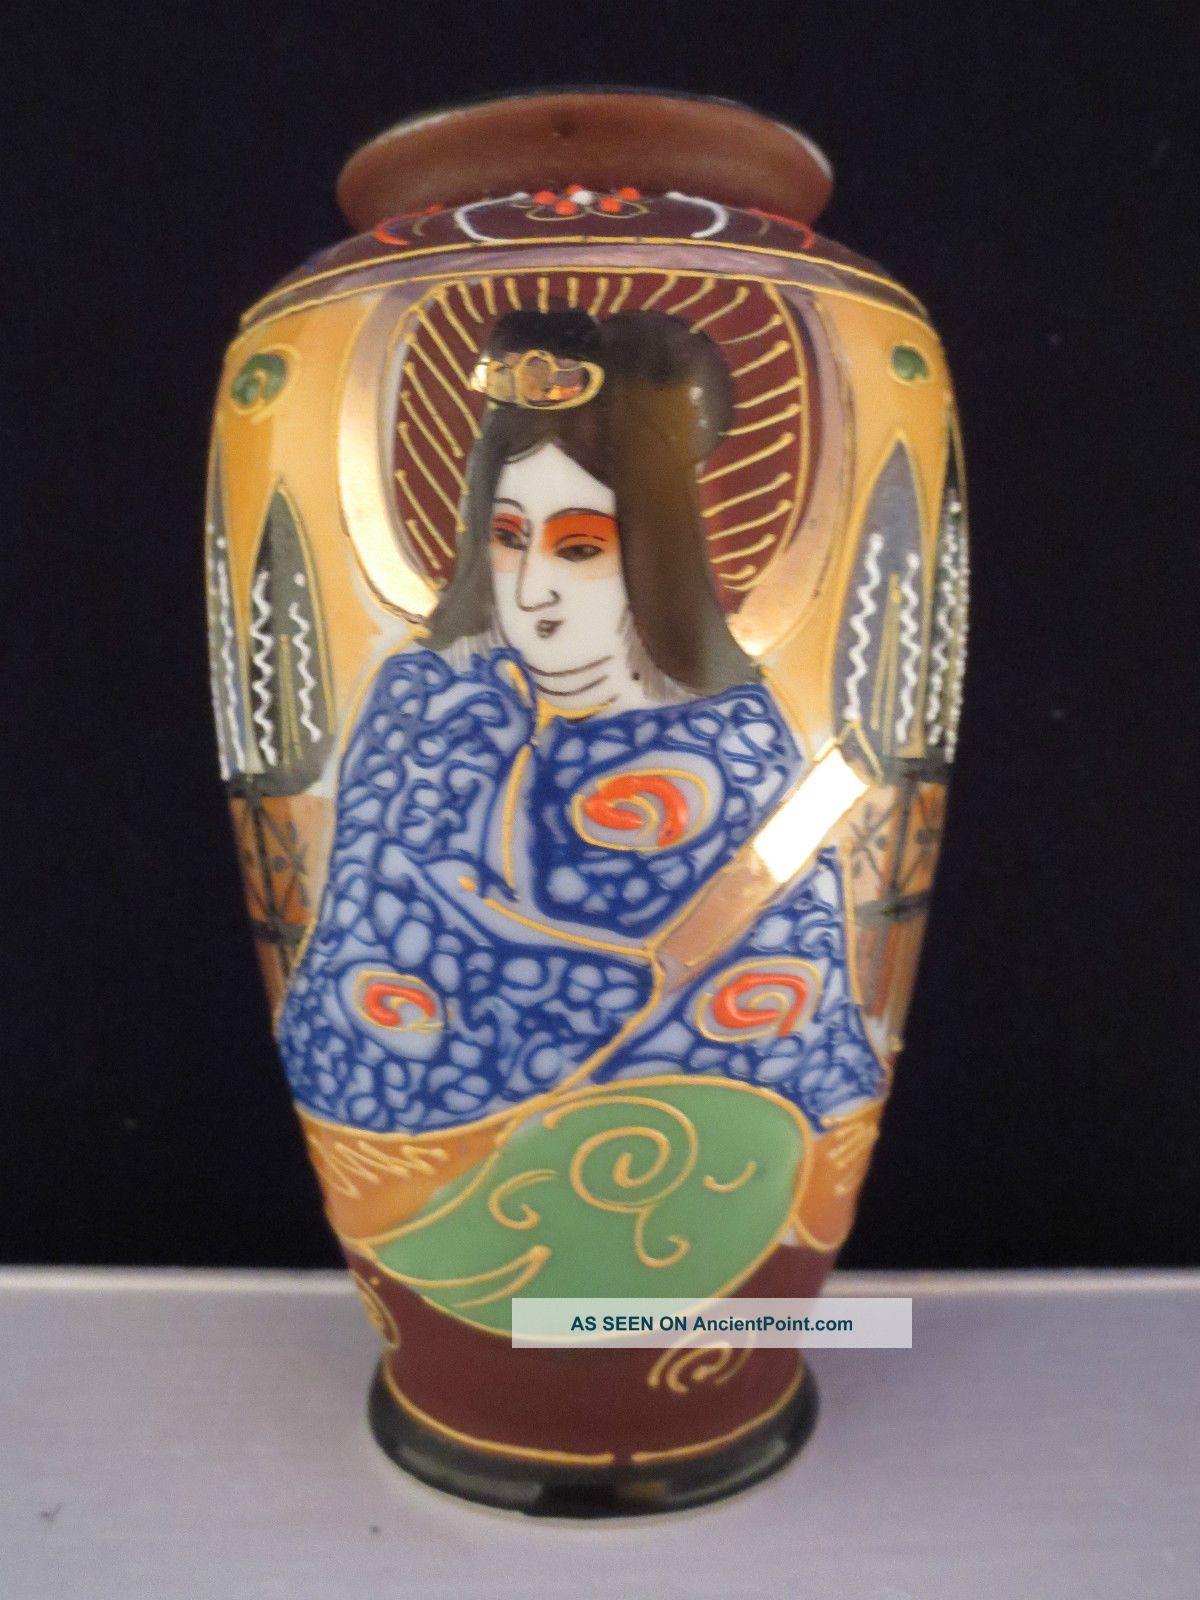 Satsuma vase made in japan images satsuma vase made in japan reviewsmspy